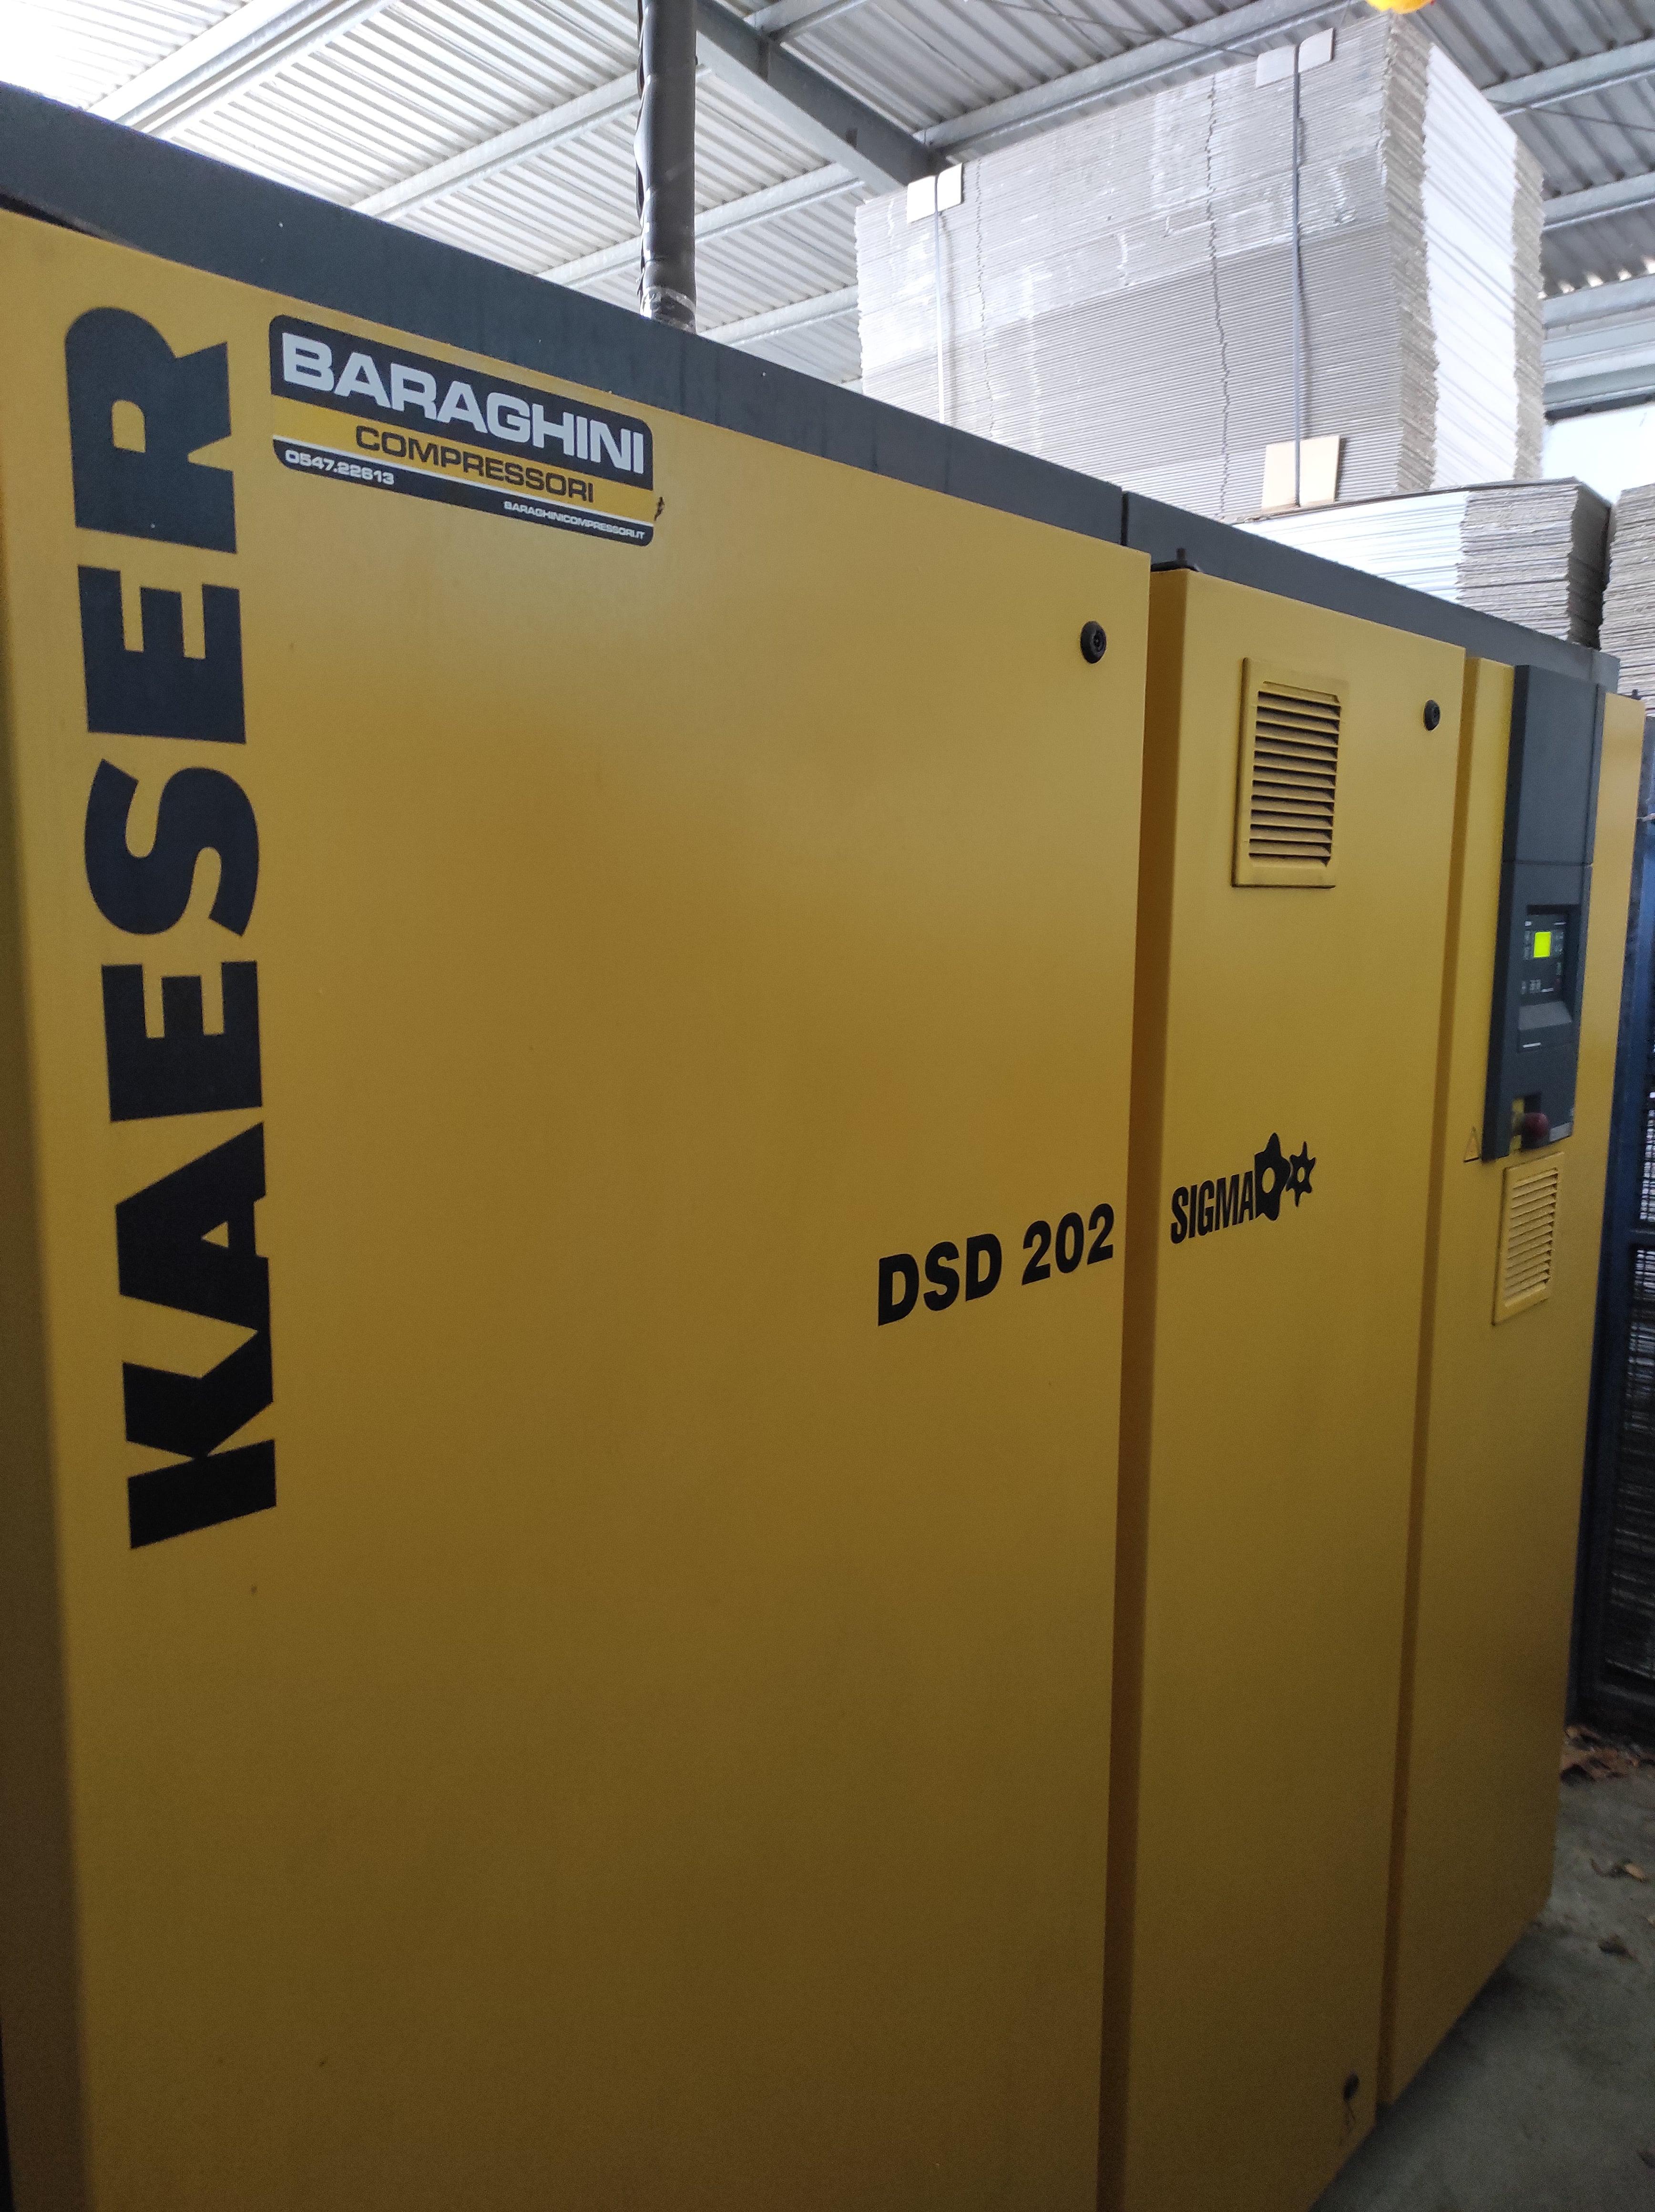 Compressore Kaeser DSD202 SFC - 110KW - Inverter in vendita - foto 2